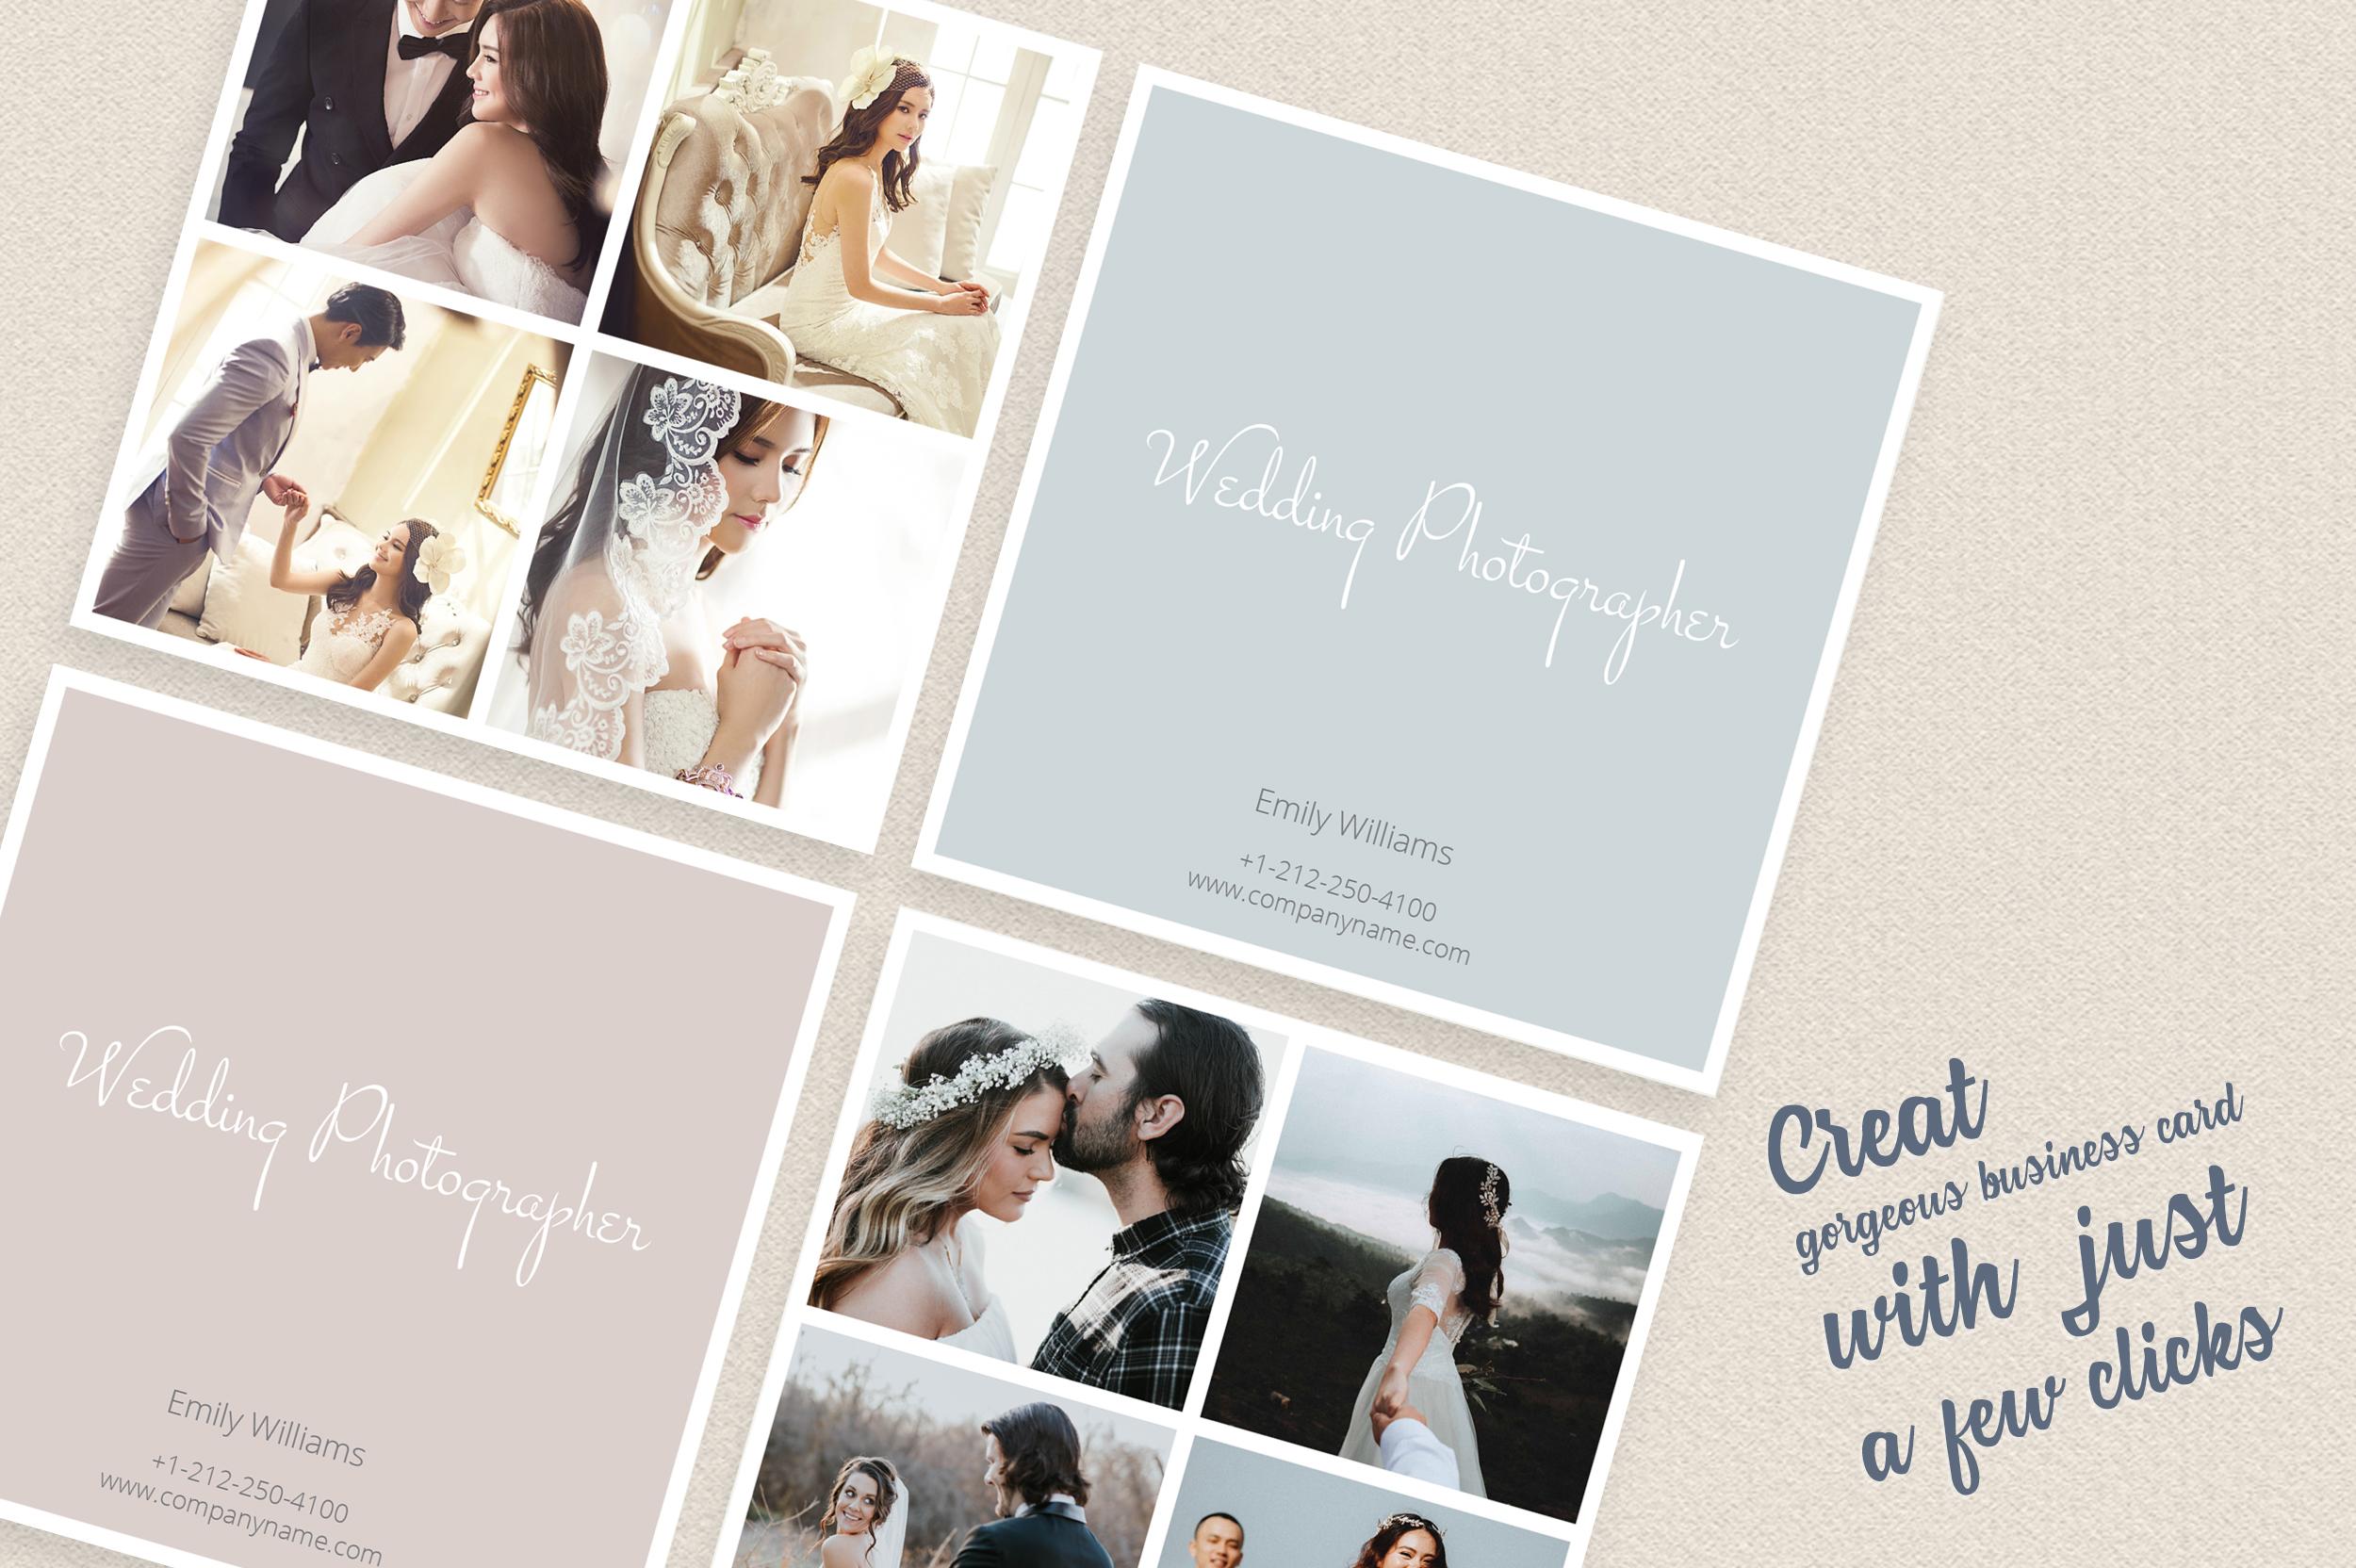 Square polaroid wedding photographer bu design bundles square polaroid wedding photographer business card example image 3 reheart Images